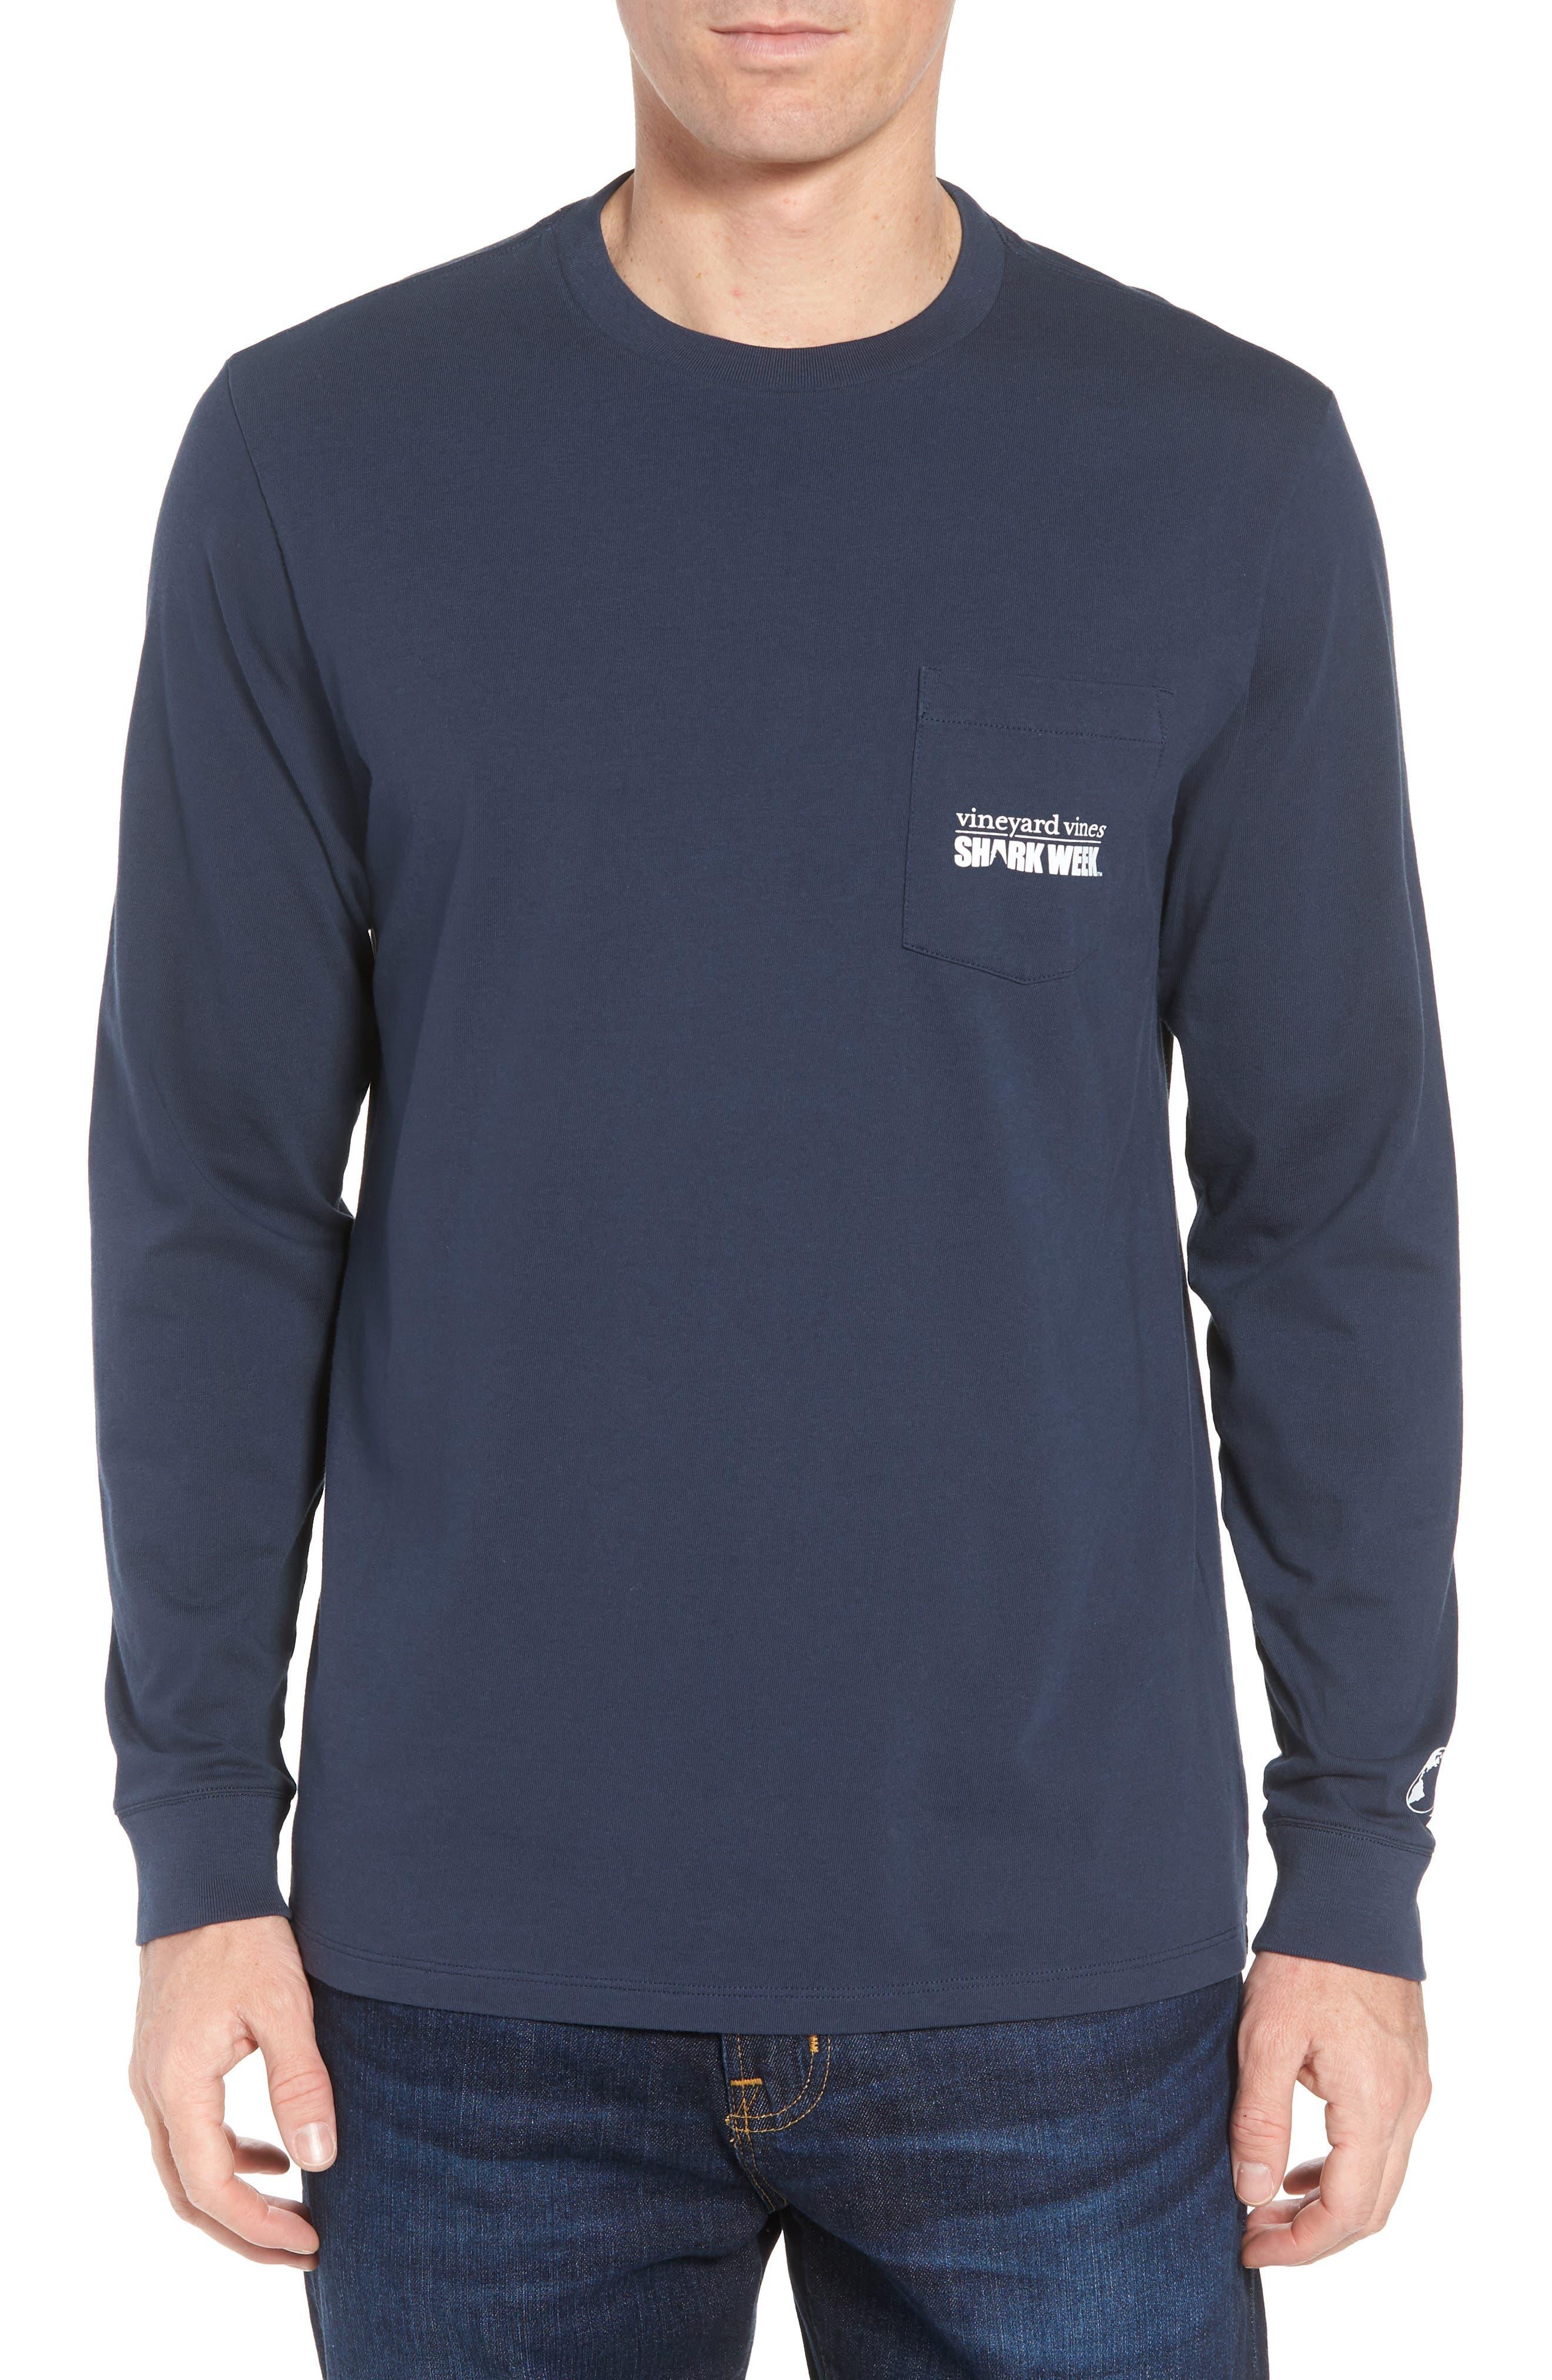 x Shark Week<sup>™</sup> Logo Long Sleeve Pocket T-Shirt,                             Main thumbnail 1, color,                             406